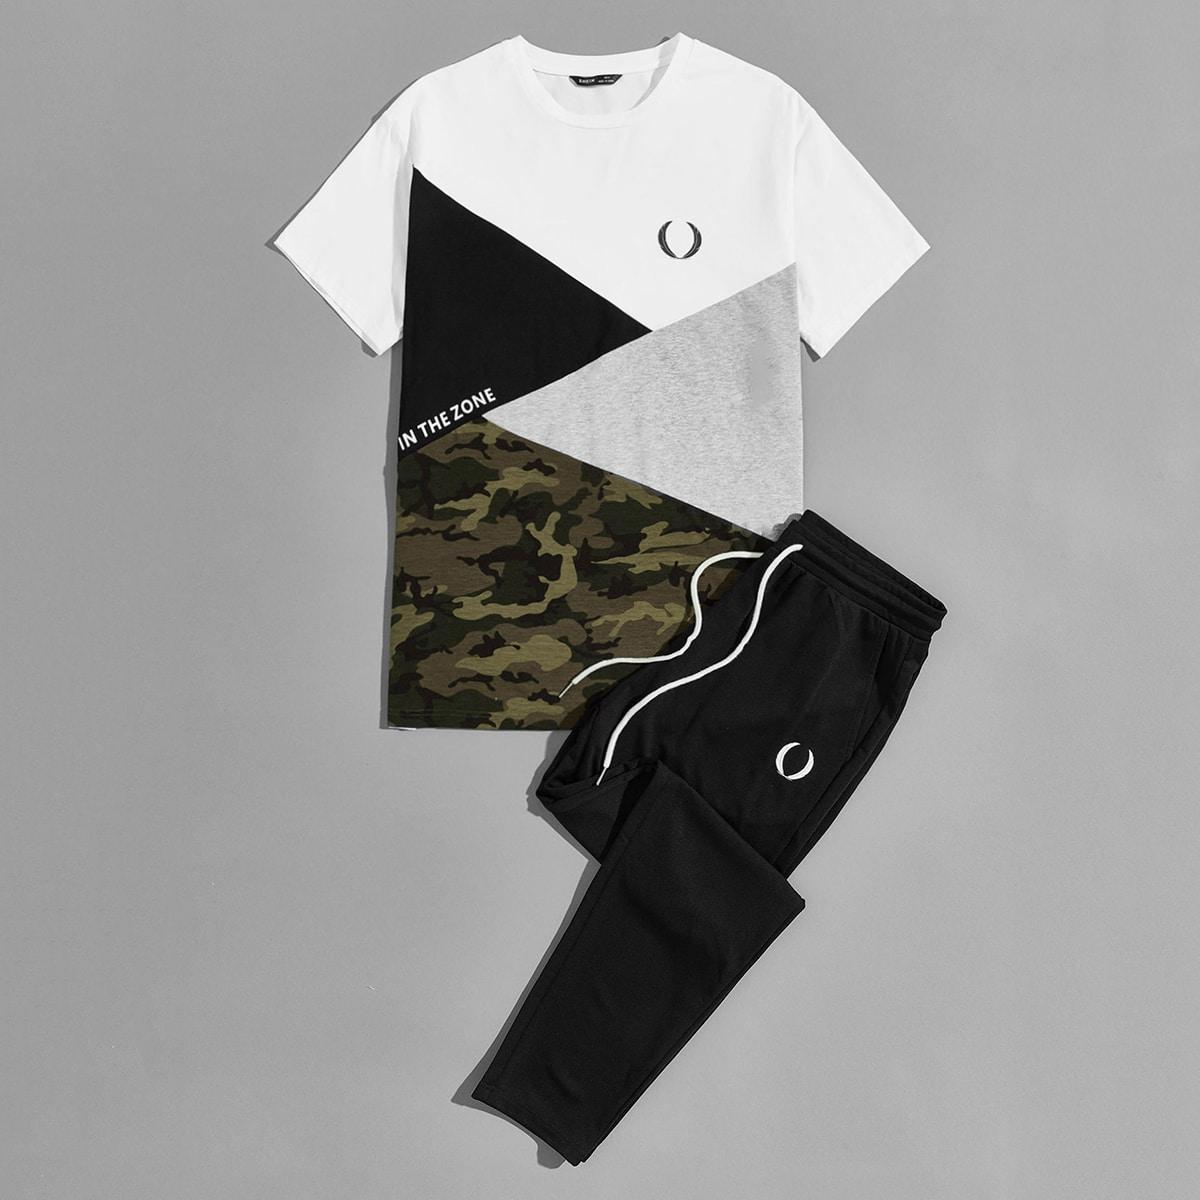 Мужской контрастный топ с текстовым принтом и спортивные брюки